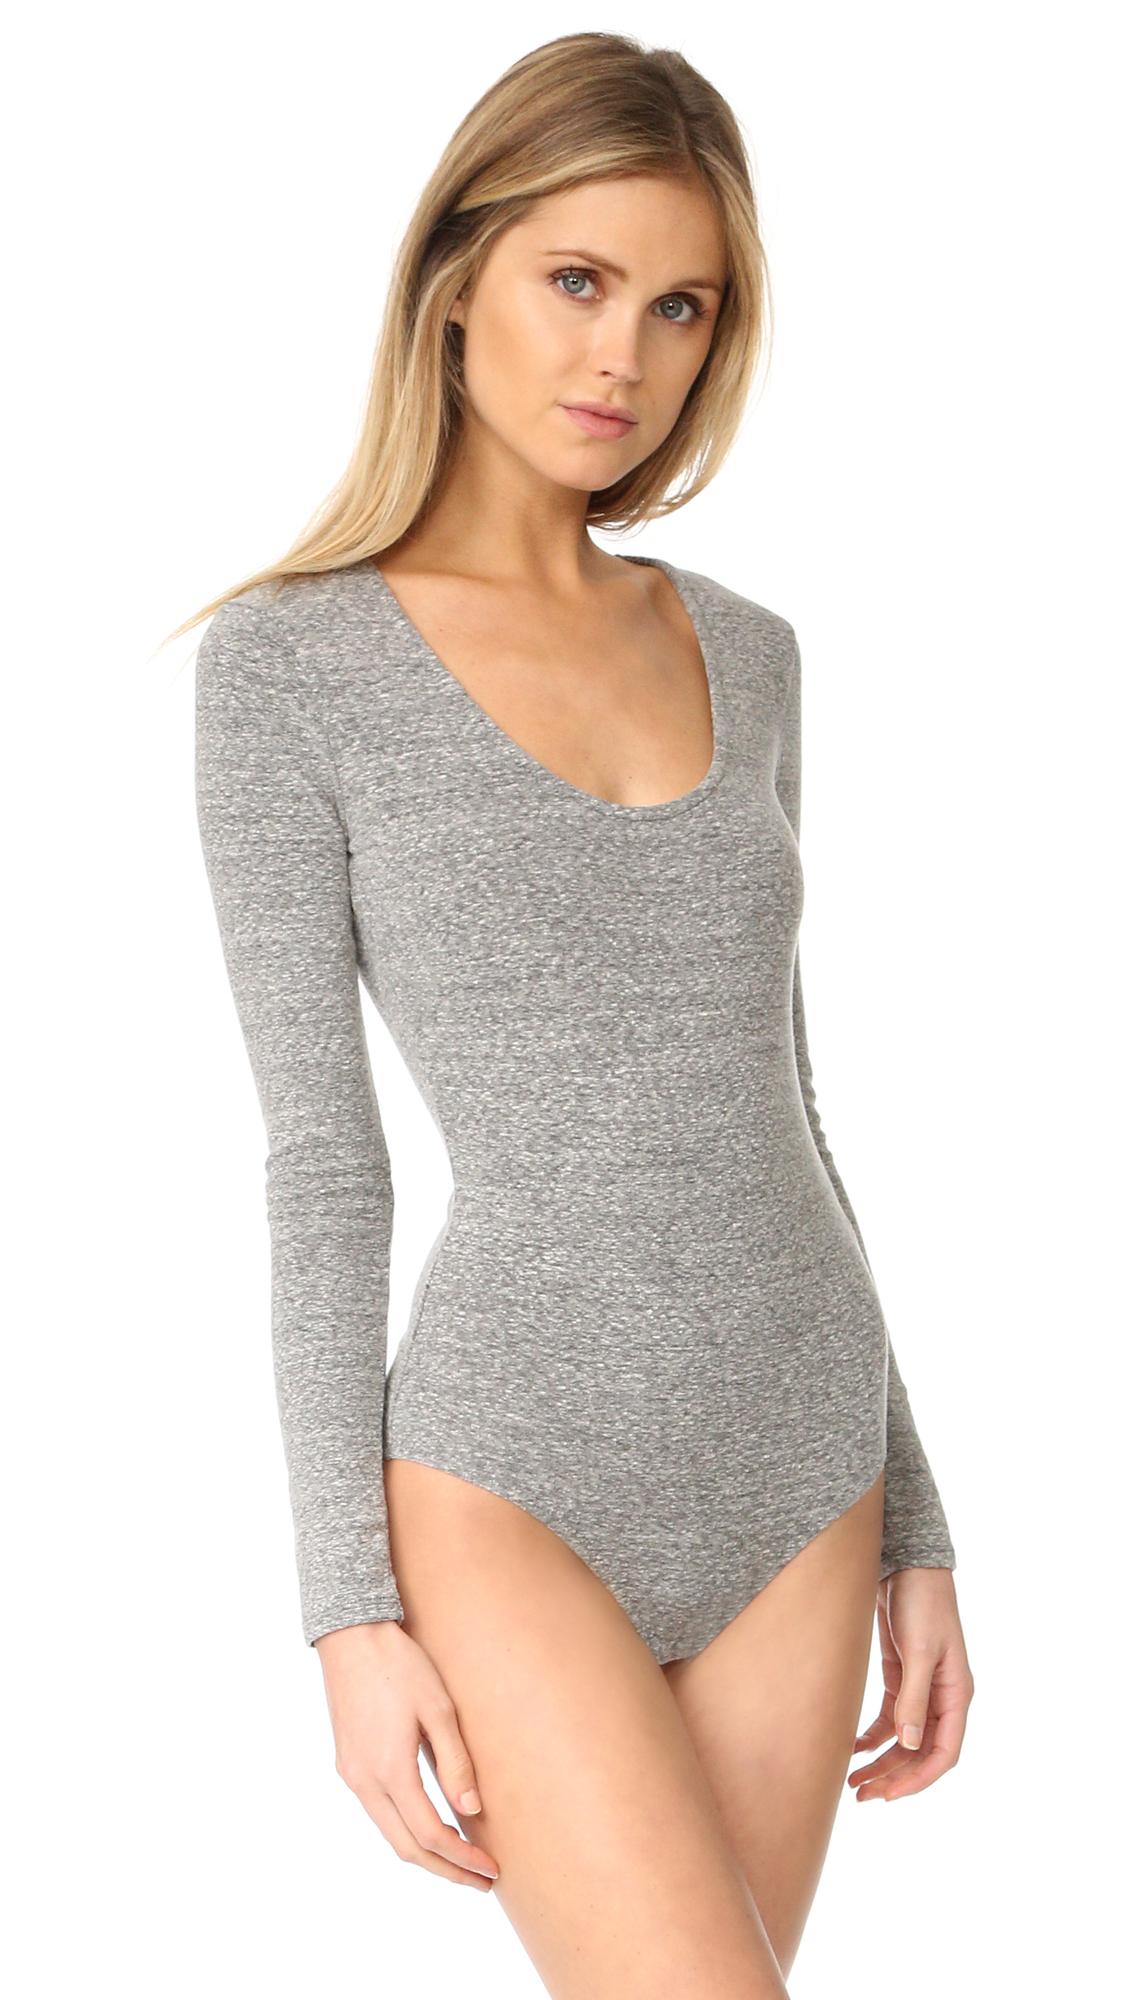 53e14dba37 Madewell Stevie Scoop Neck Long Sleeve Bodysuit